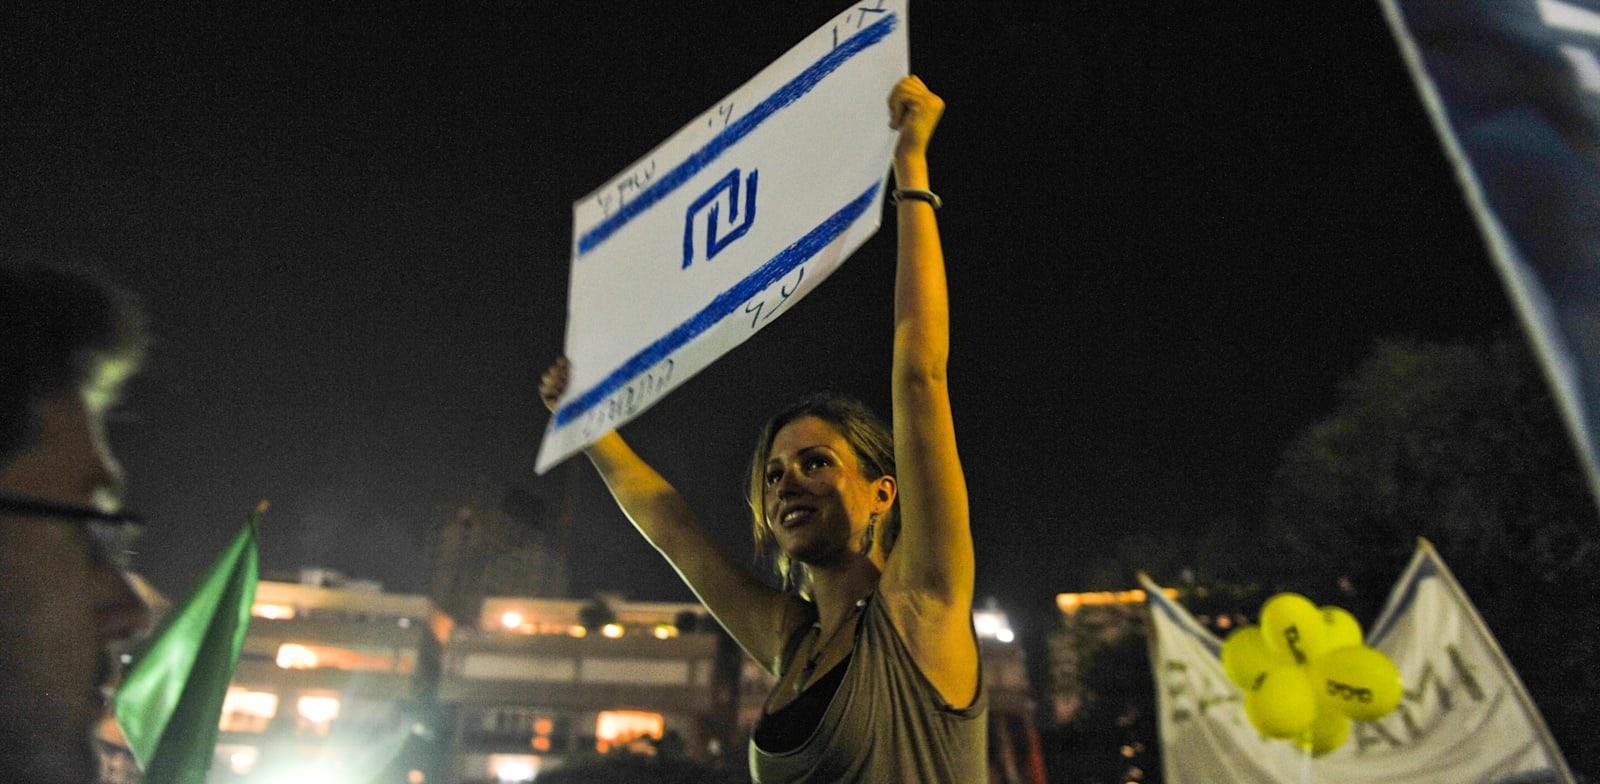 הפגנת המיליון בתל אביב במחאה החברתית ב-2011 / צילום: בן יוסטר